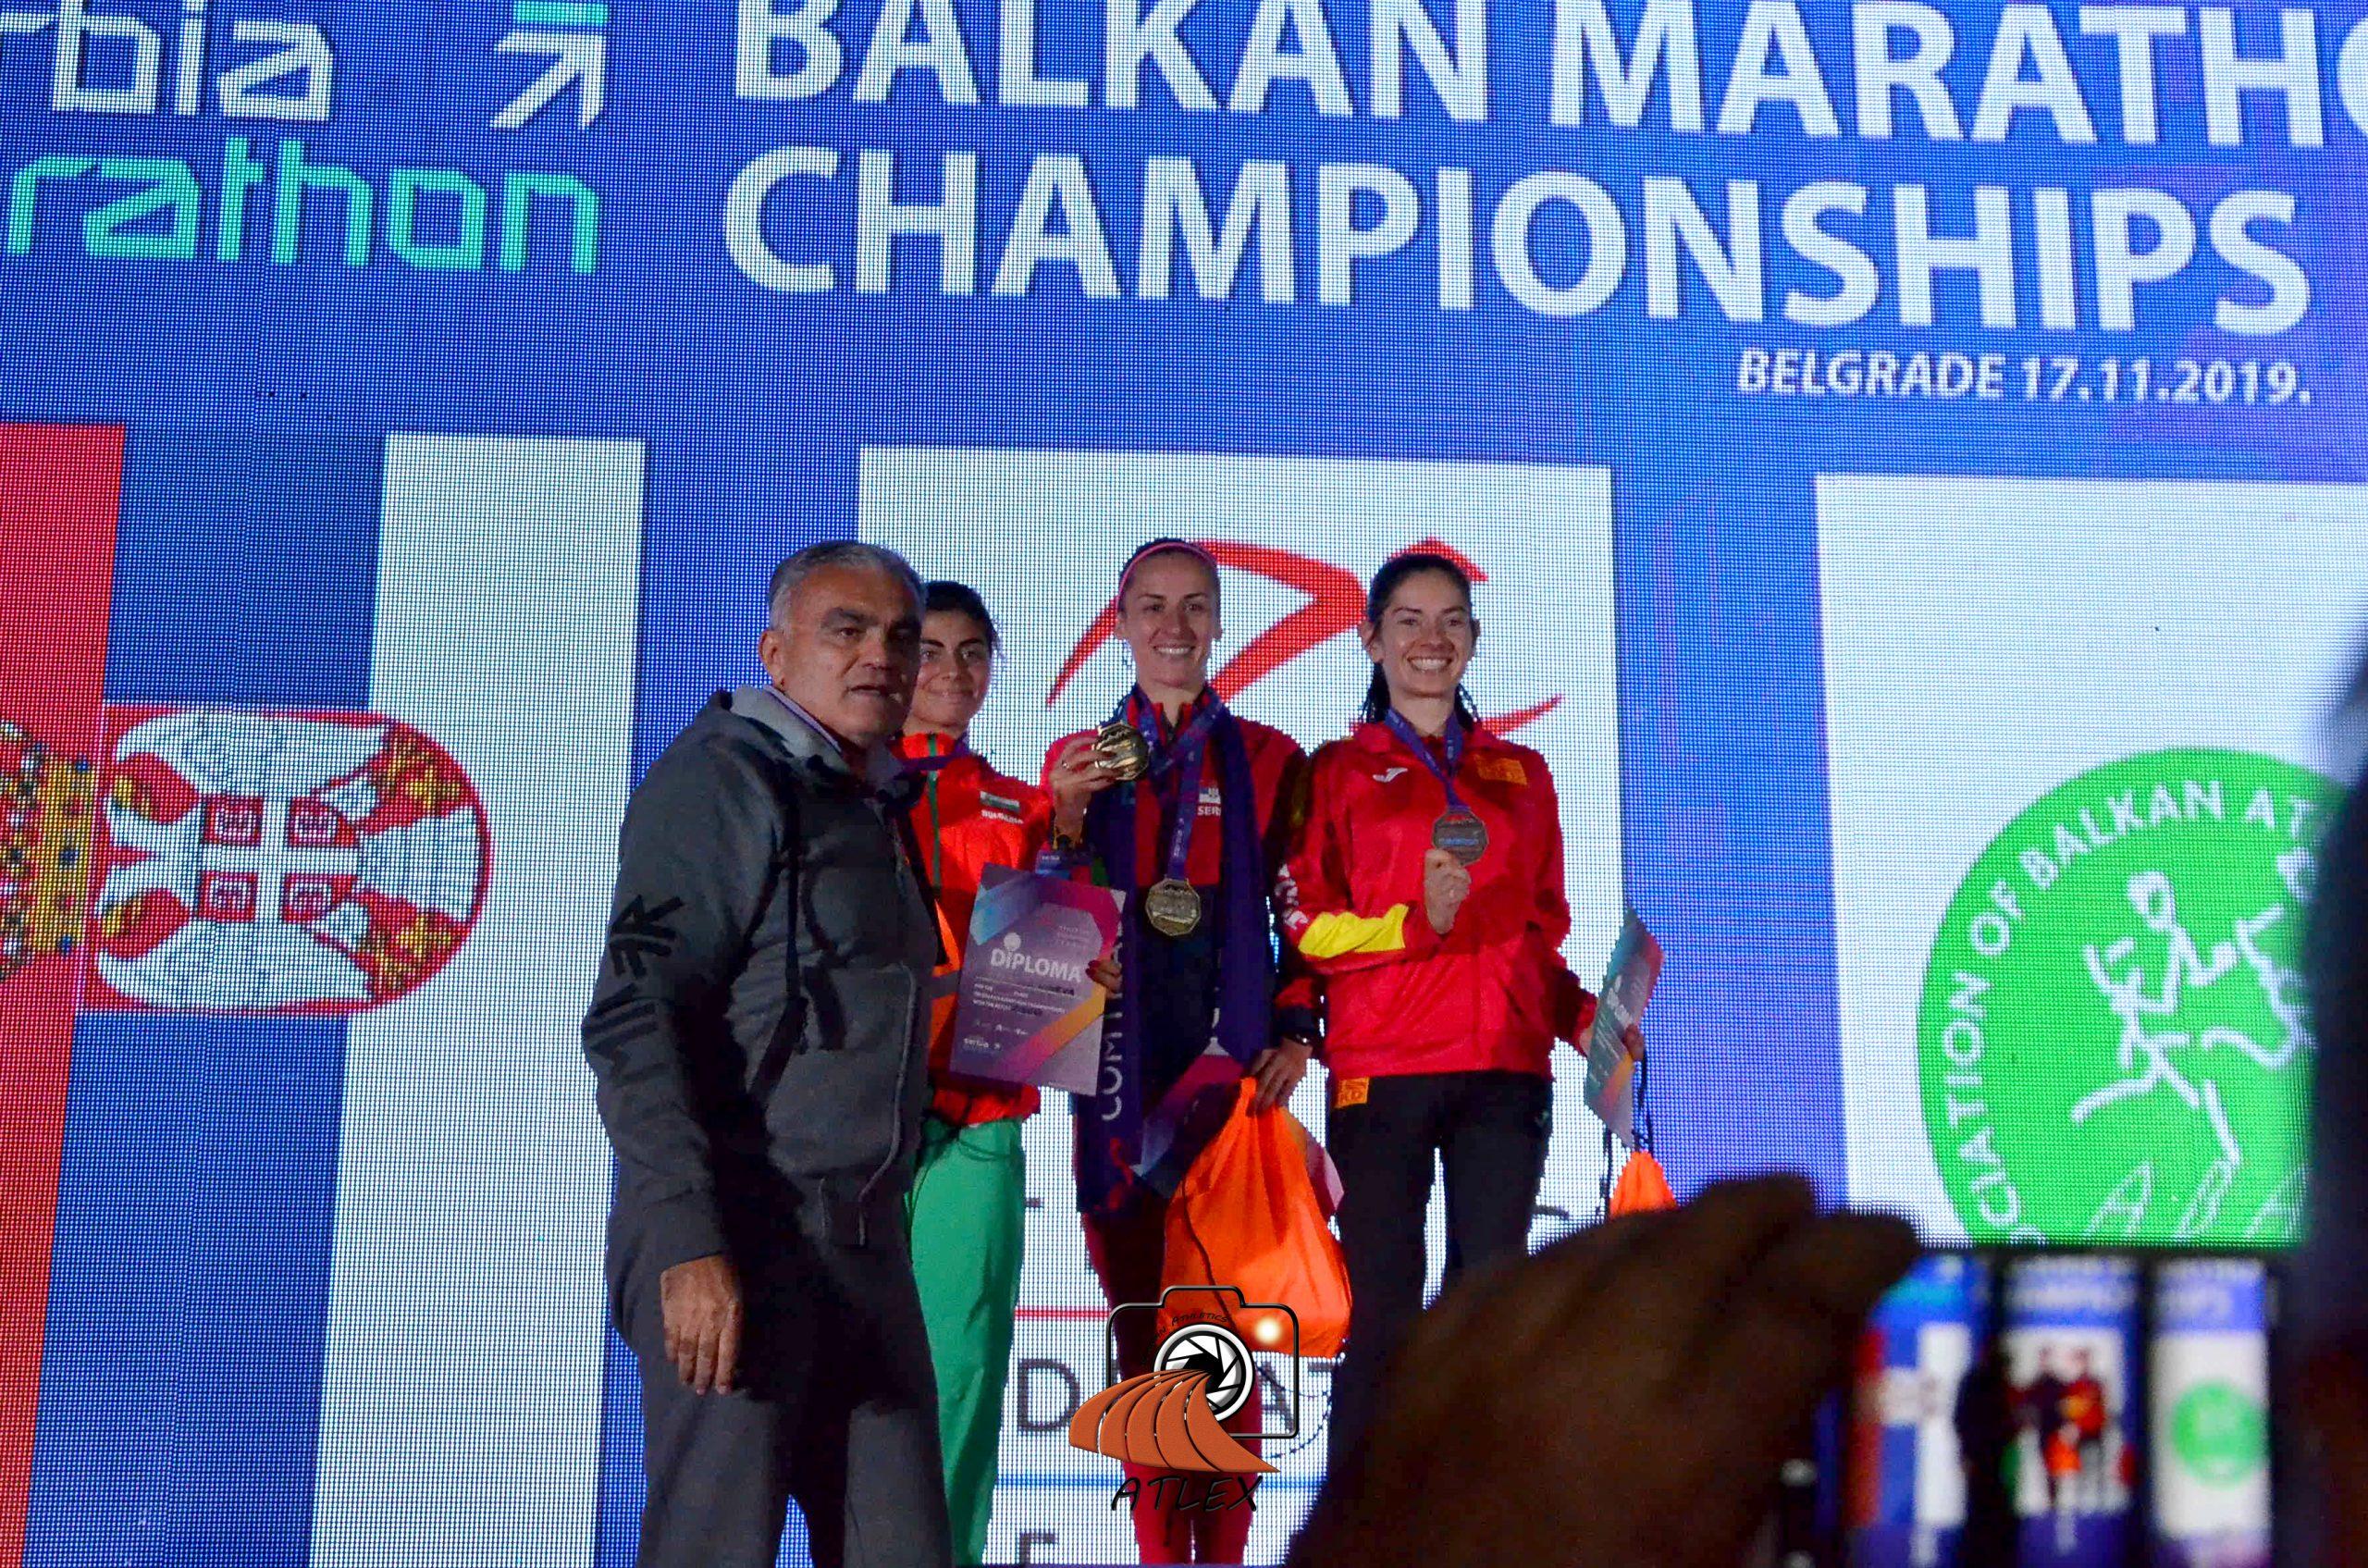 Prvi Comtrade Serbia Marathon, pobednice prvenstva Balkana u maratonu - Marinela Nineva, Teodora Simović i Adrijana Pop Araova;